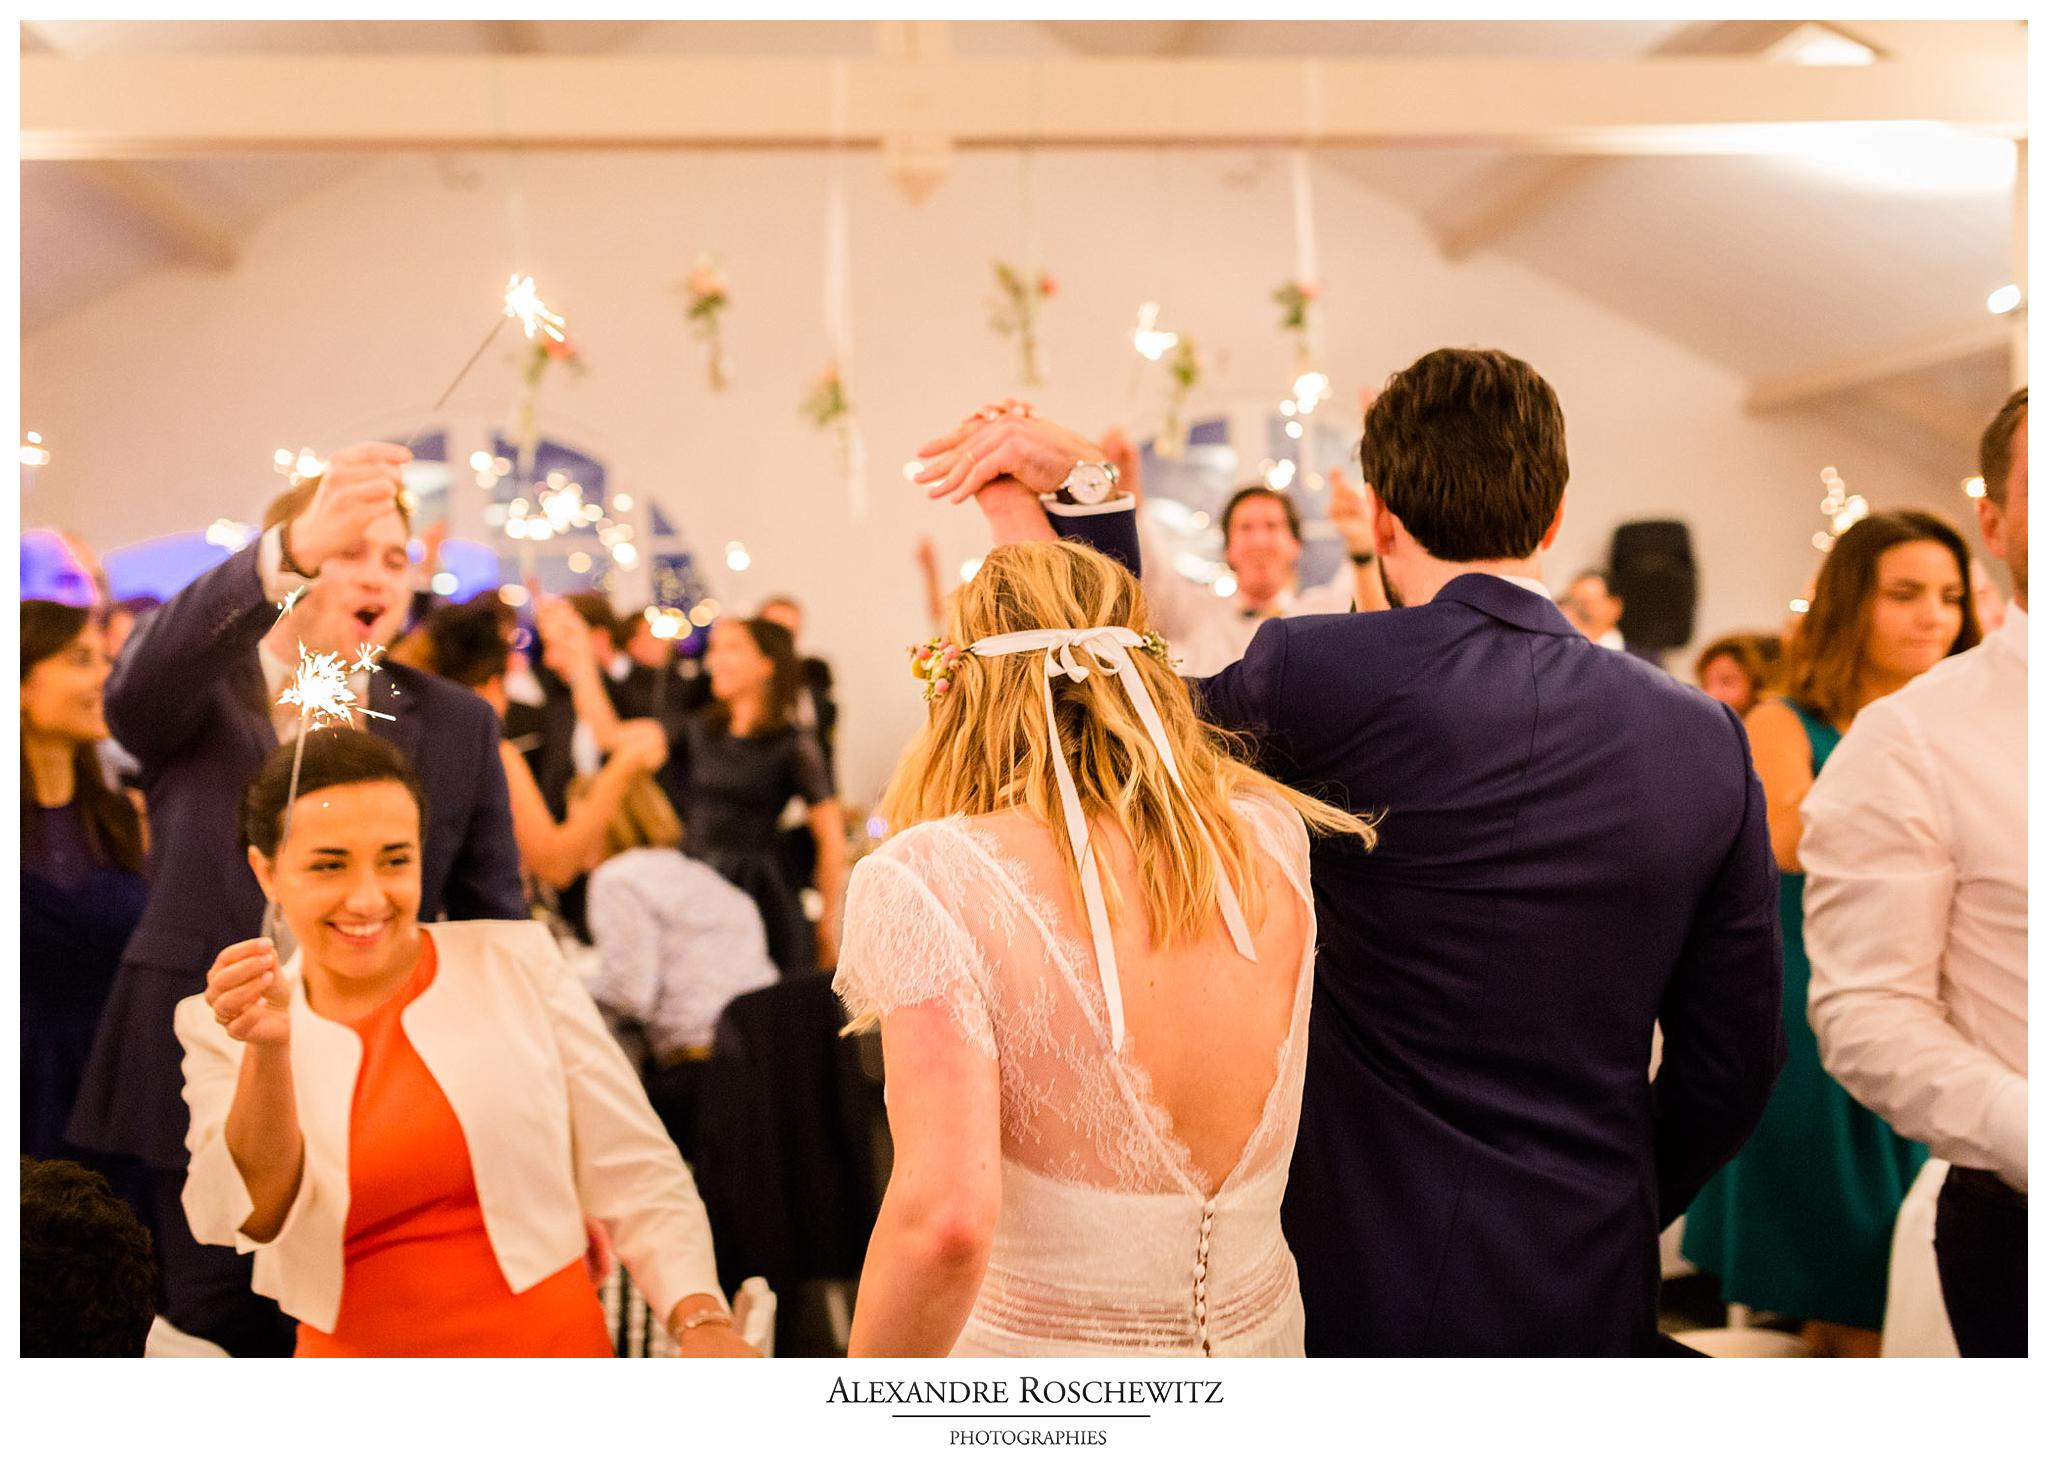 Un aperçu des photos du mariage laique de Jennifer et Thomas au Domaine de Larchey et au Château Larrivet Haut Brion. Alexandre Roschewitz Photographies